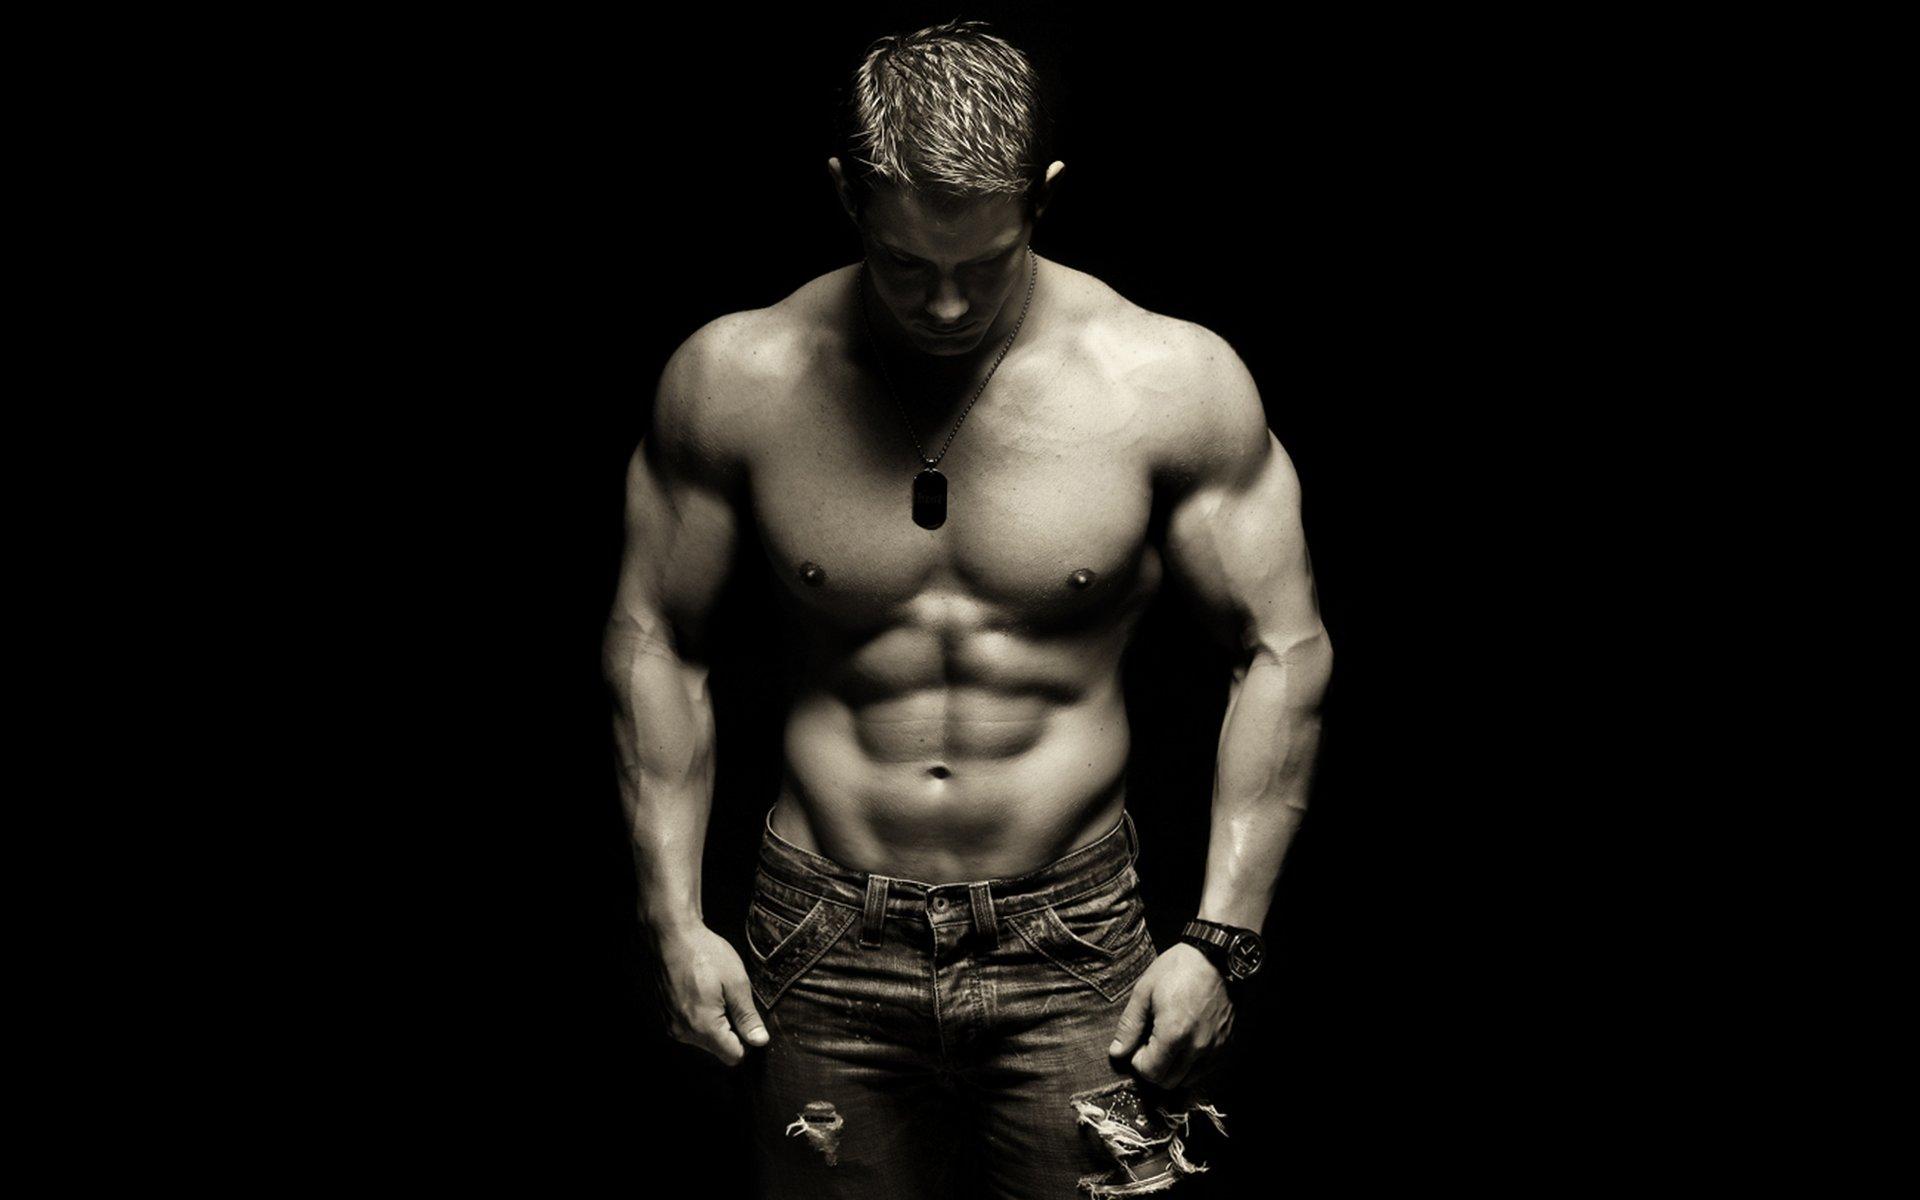 Muscle man wallpapers wallpapersafari - Man wallpaper ...